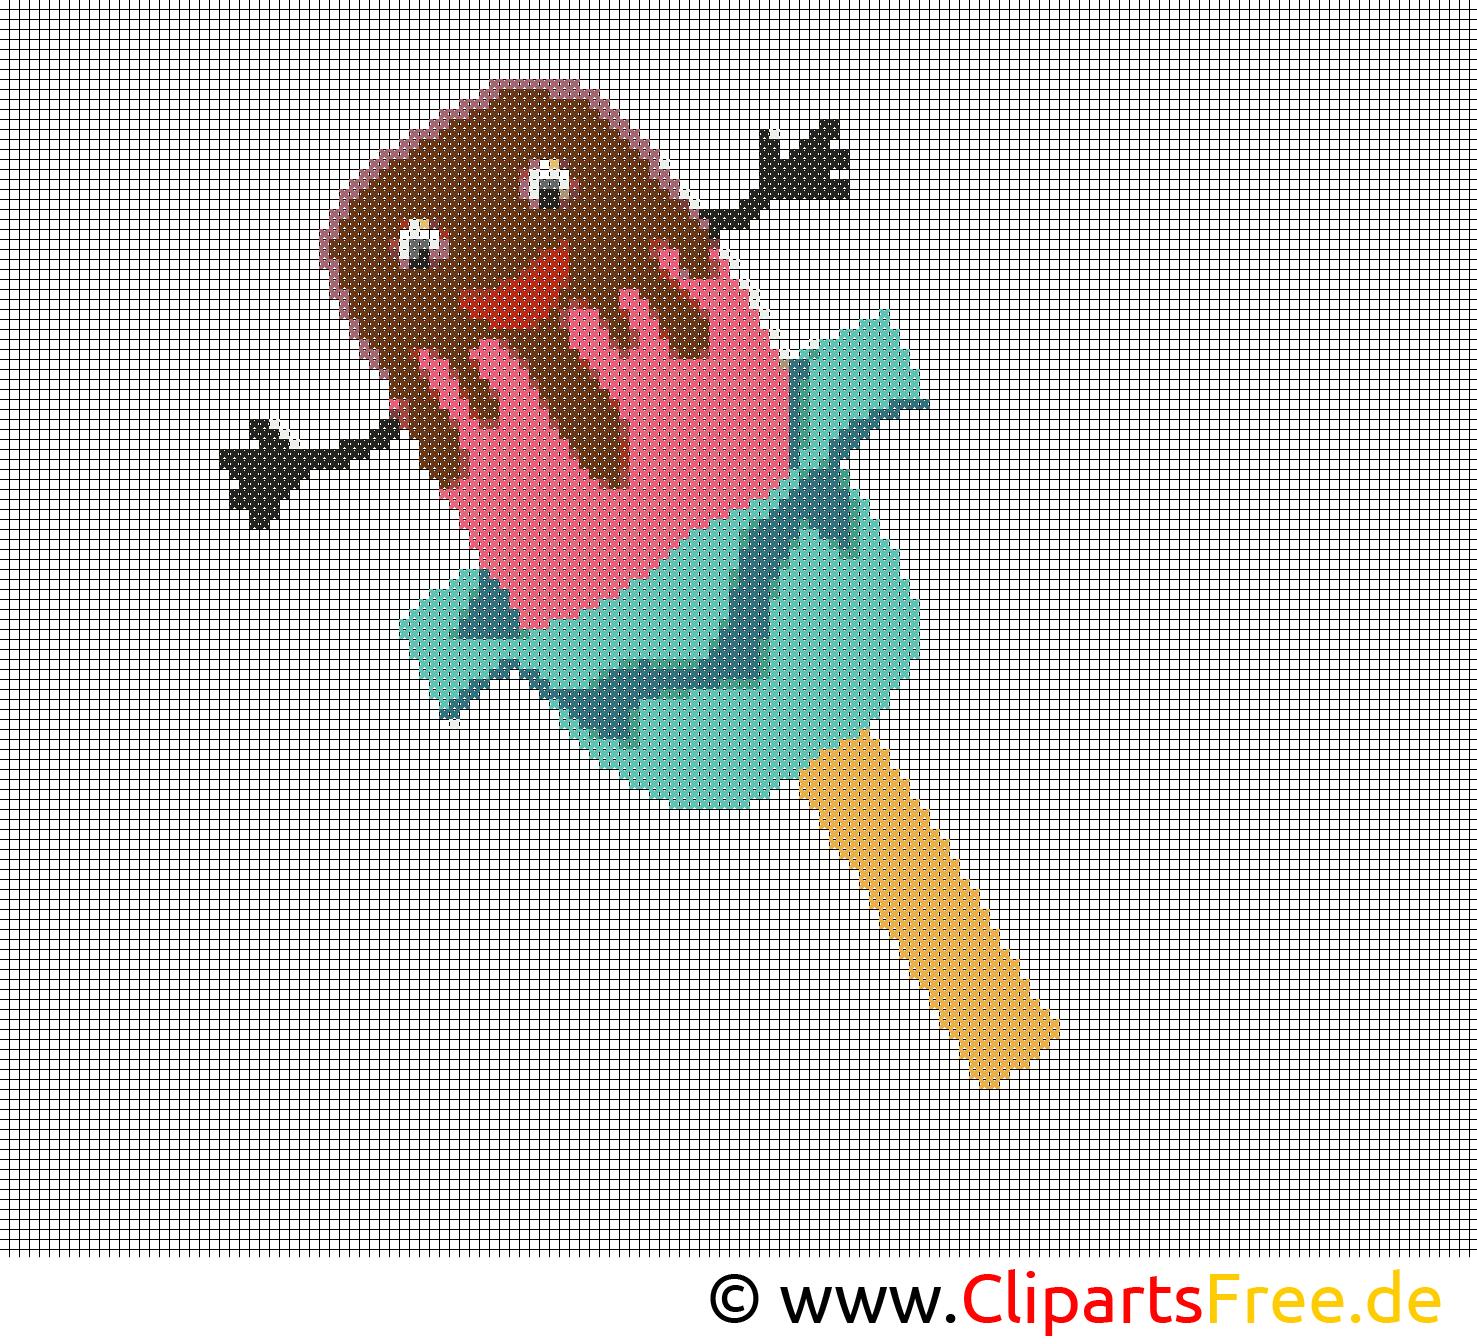 Stickmuster Kreuzstich kostenlos Eis